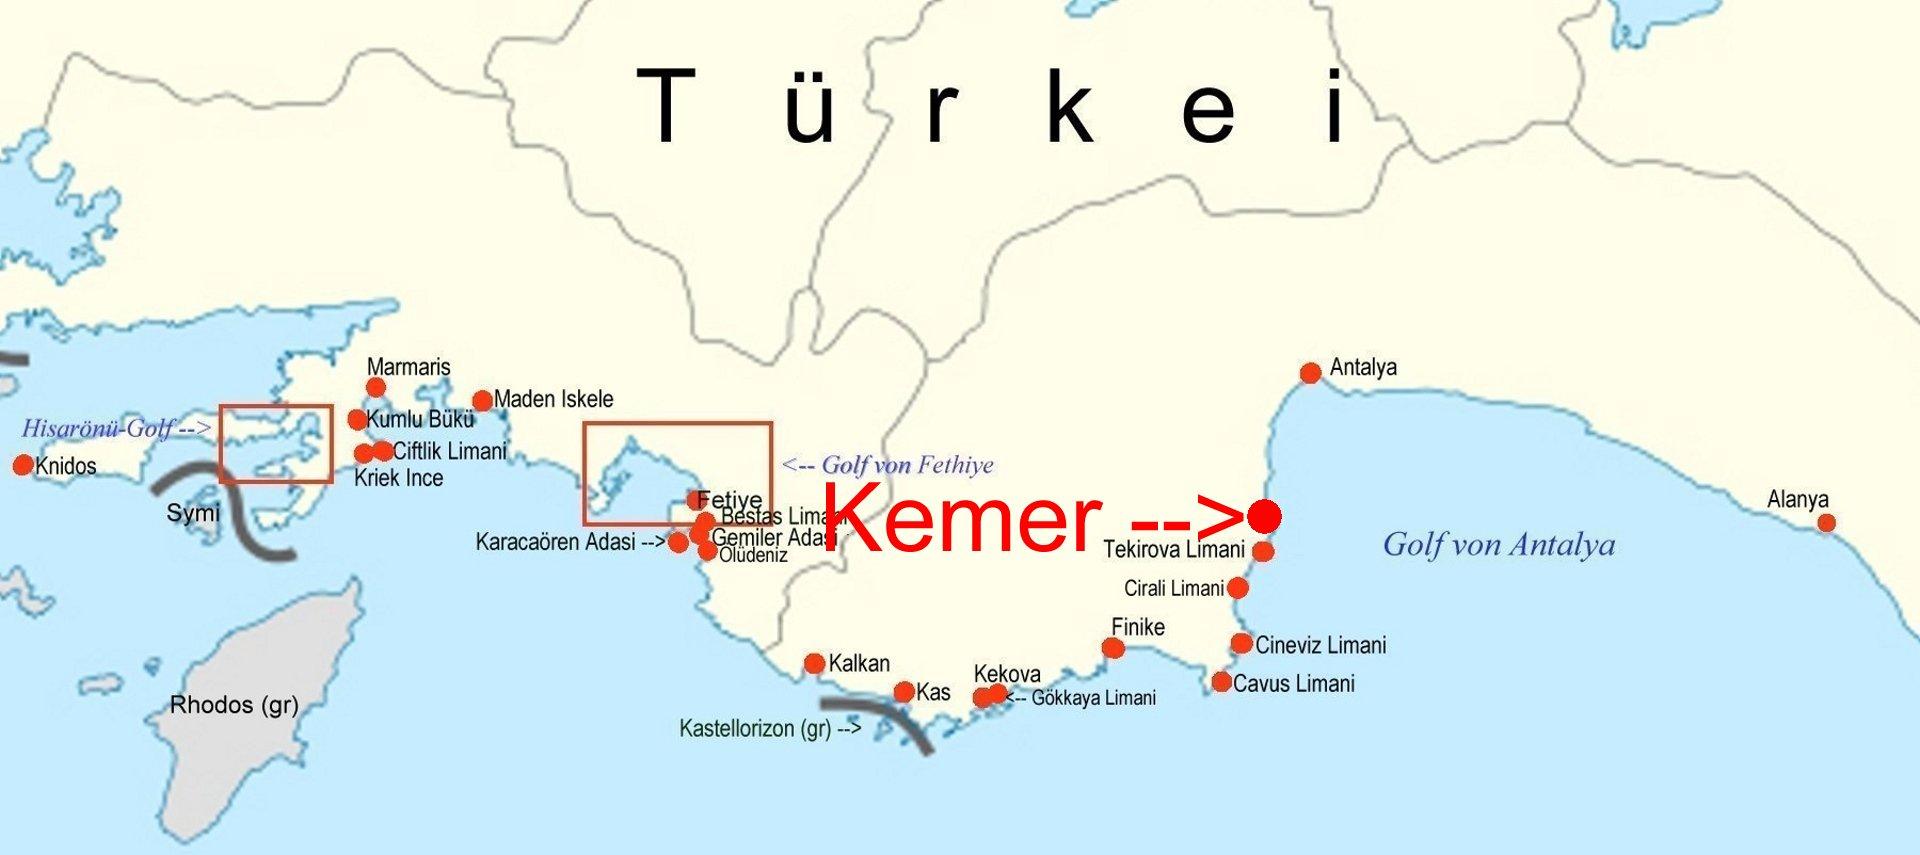 Online Hafenhandbuch Turkei Kemer Marina Am Golf Von Antalya